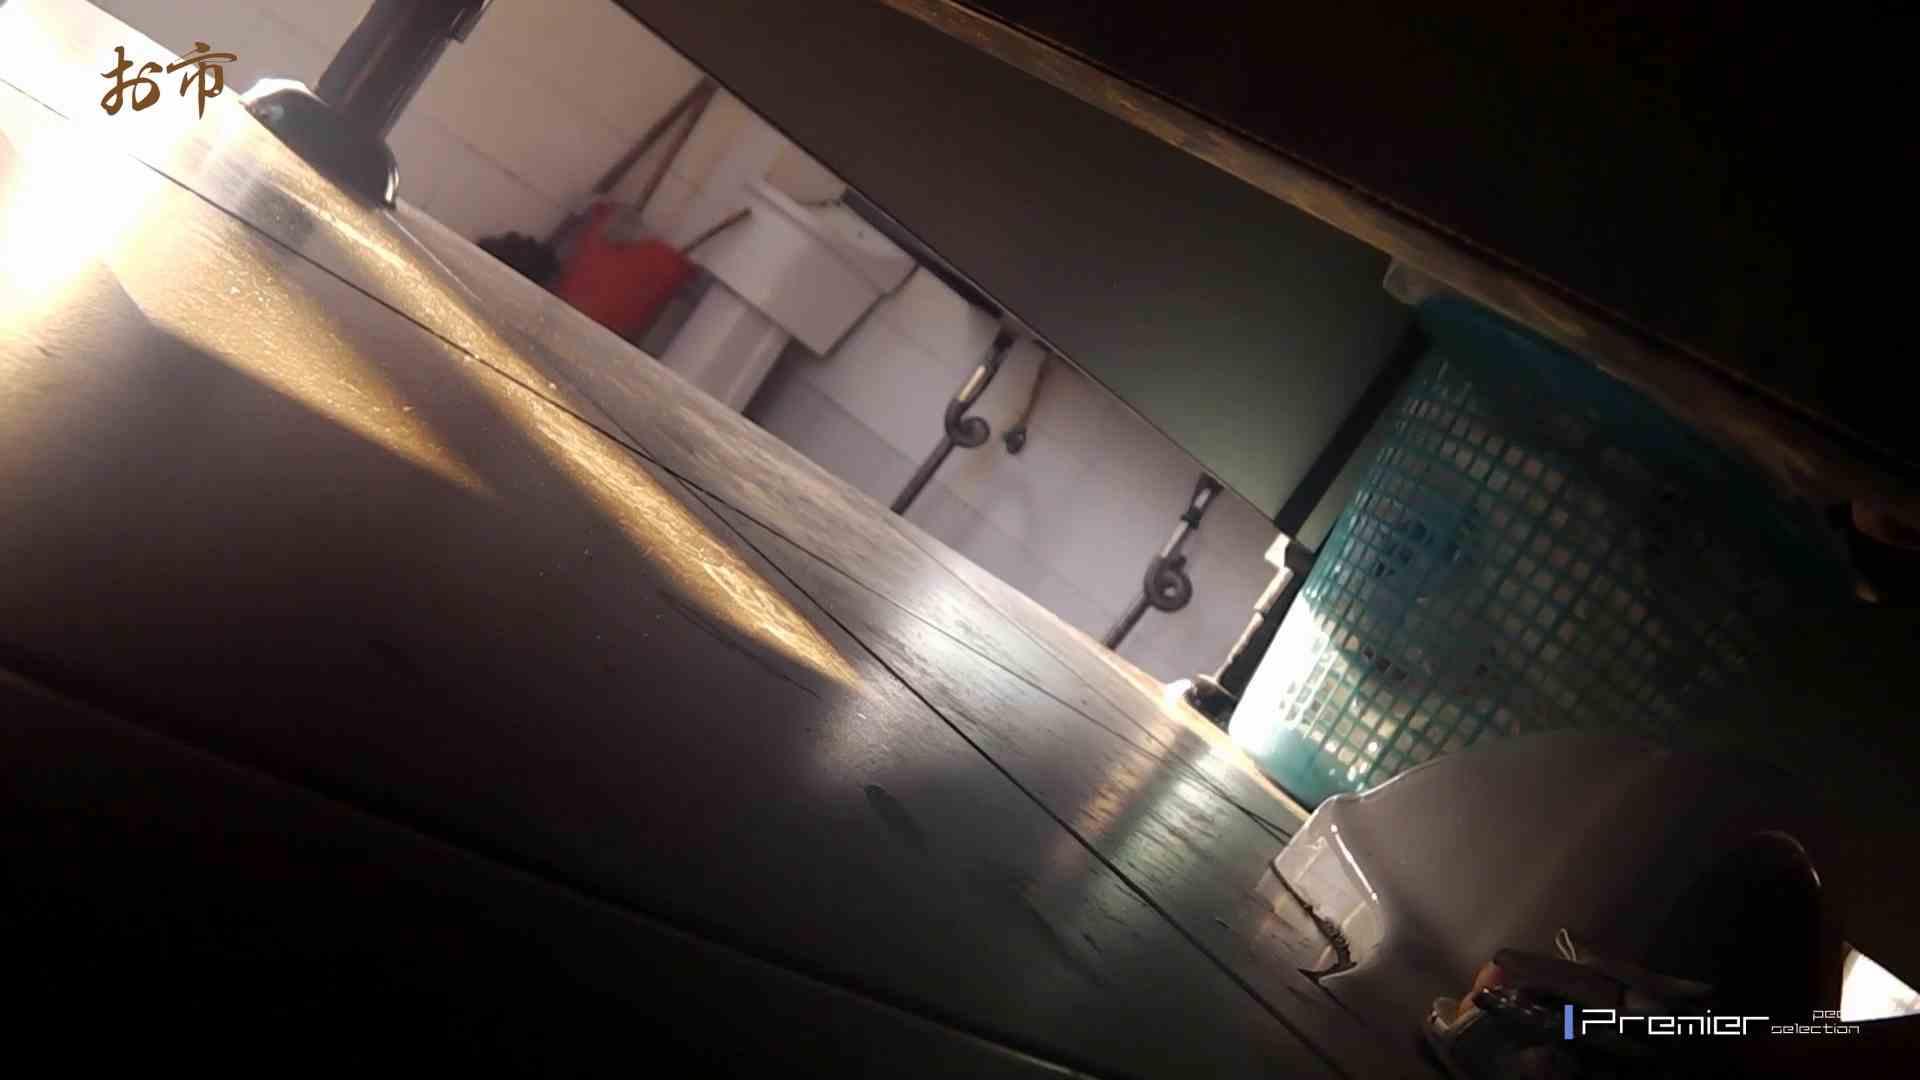 潜入!!台湾名門女学院 Vol.14 ラストコンテンツ!! 丸見え アダルト動画キャプチャ 109画像 101